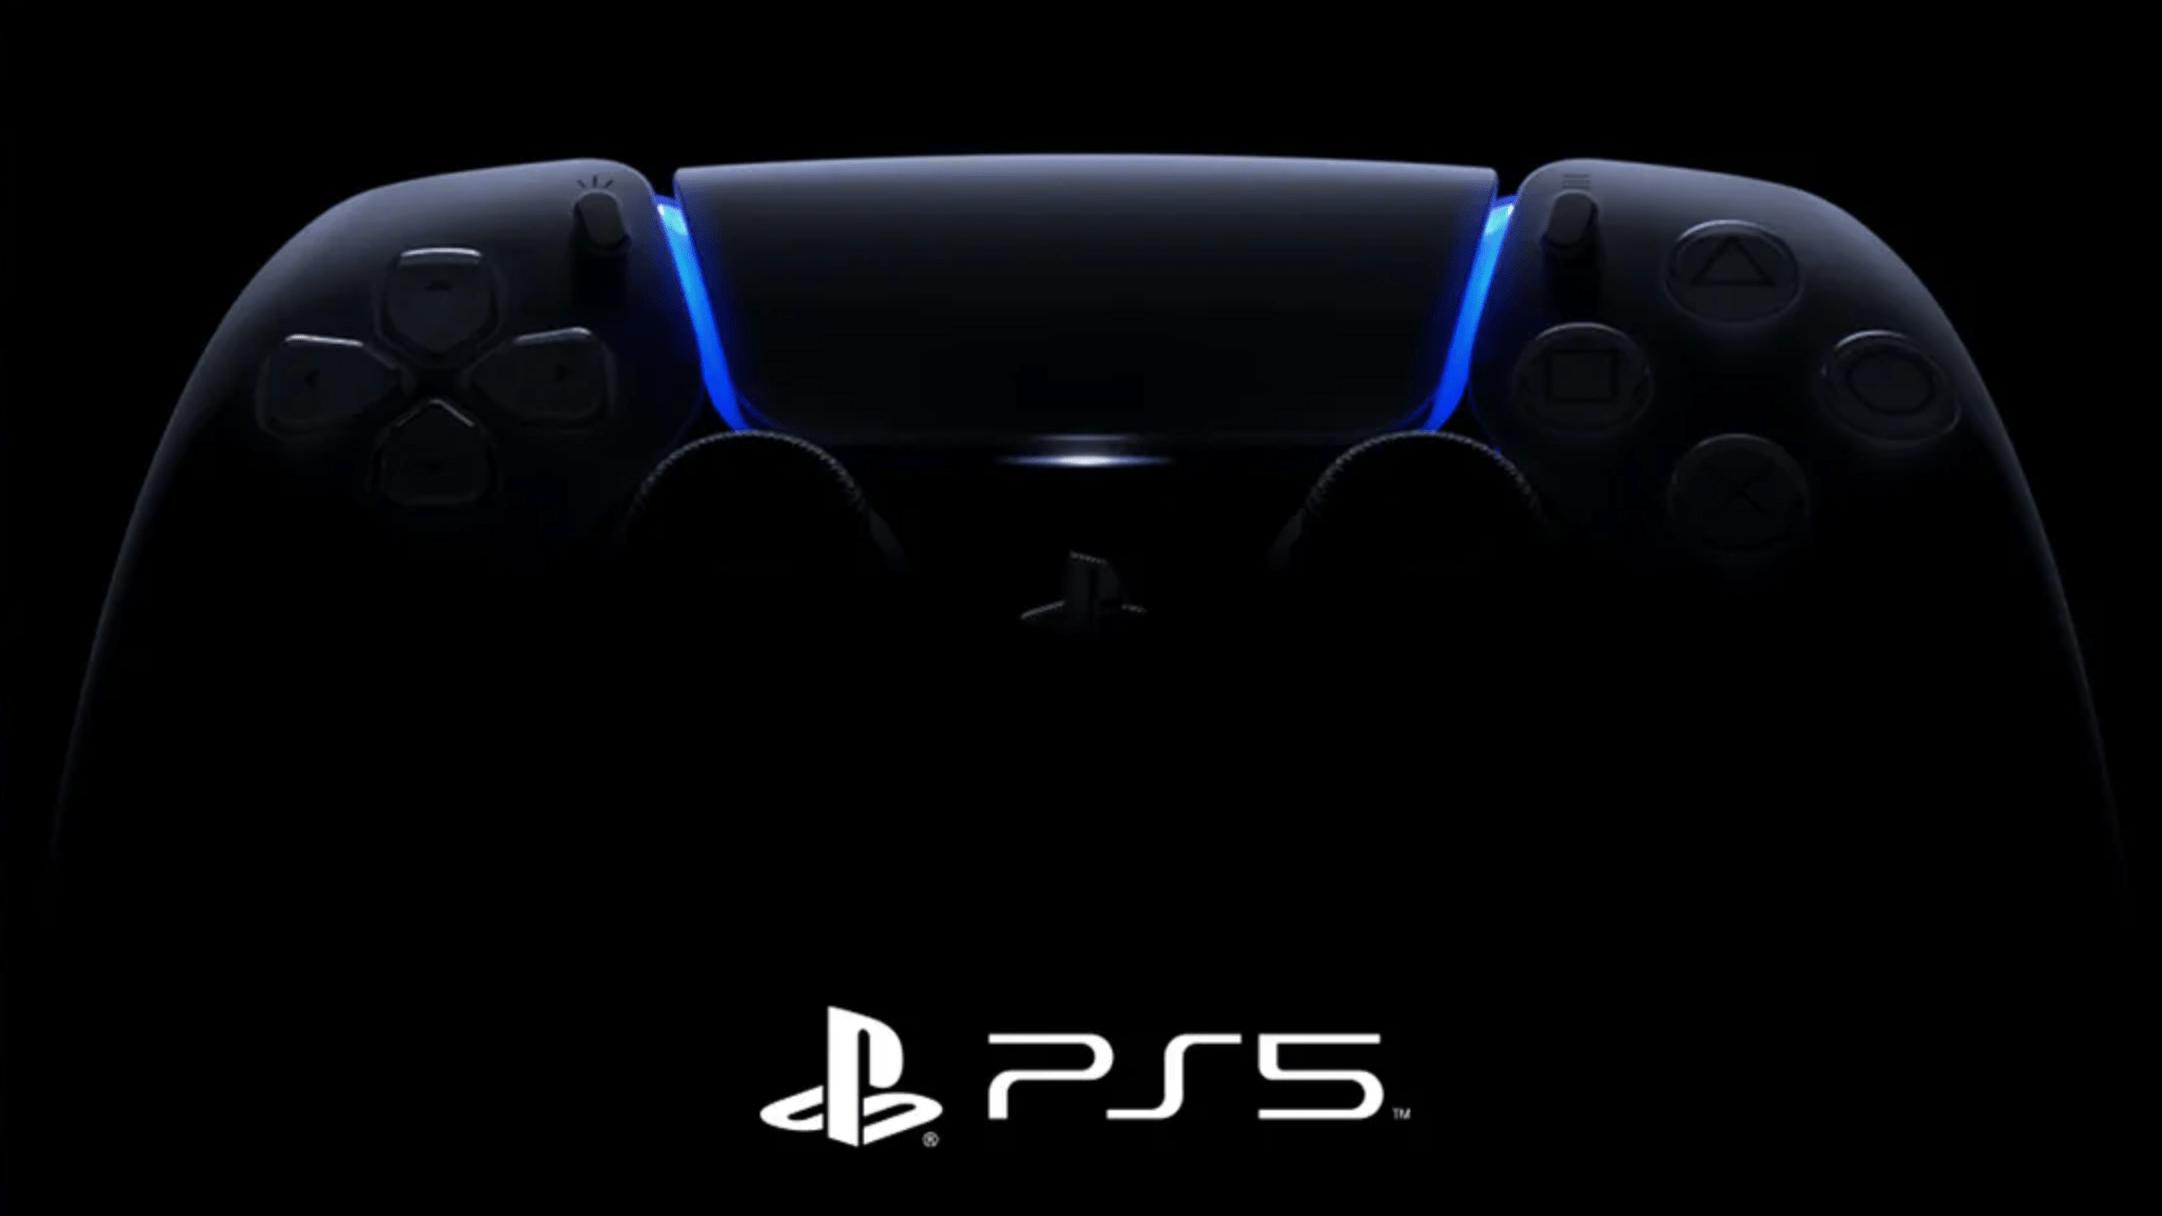 PlayStation bekennt Farbe: DualSense Wireless-Controller ab Juni in zwei neuen Farben erhältlich • Nintendo Connect